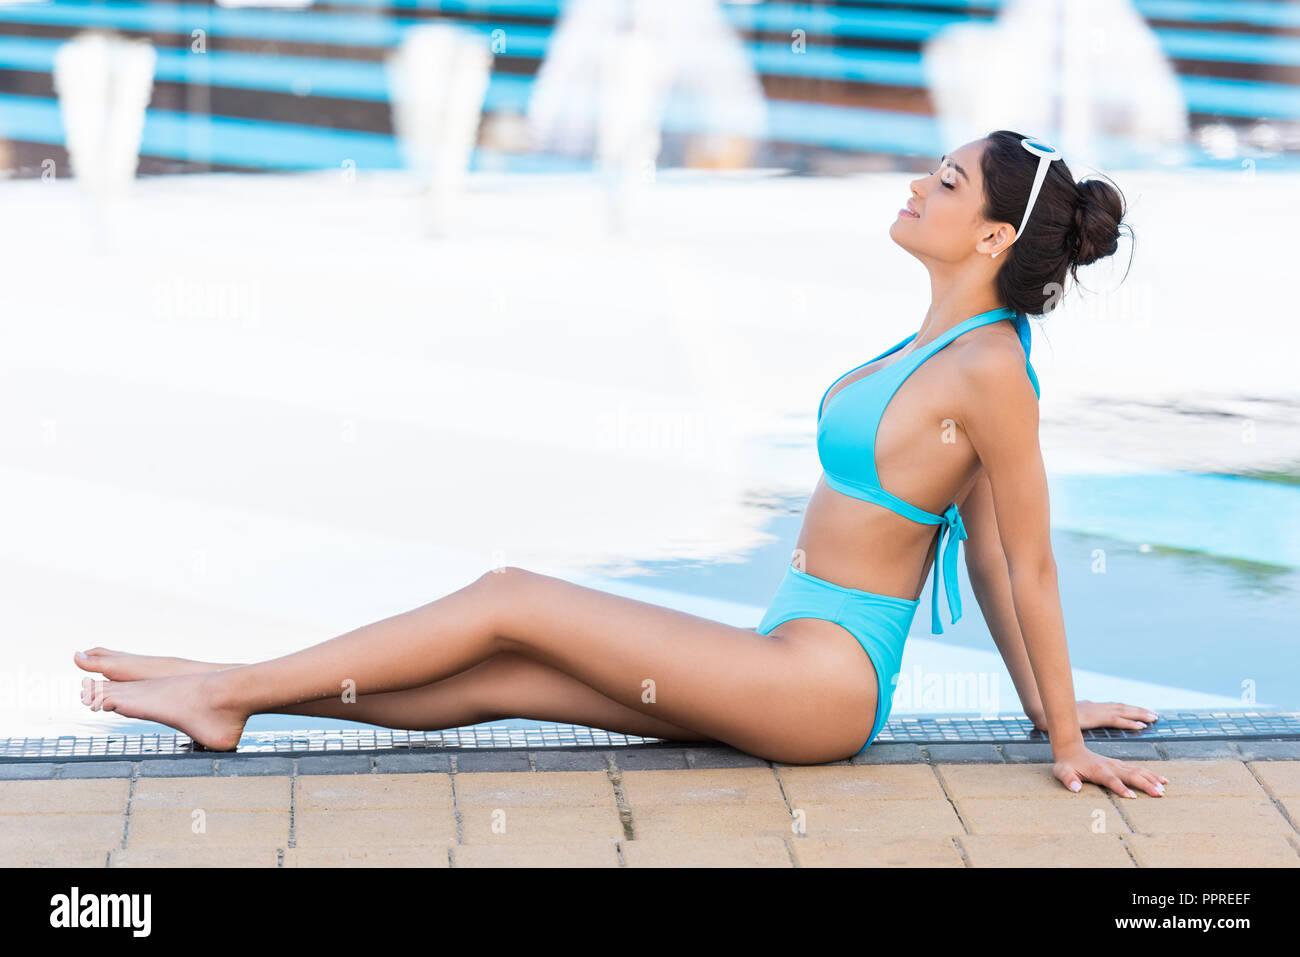 Braungebrannte Mädchen in Blau Bikini Entspannen und Sonnenbaden am Pool Stockbild